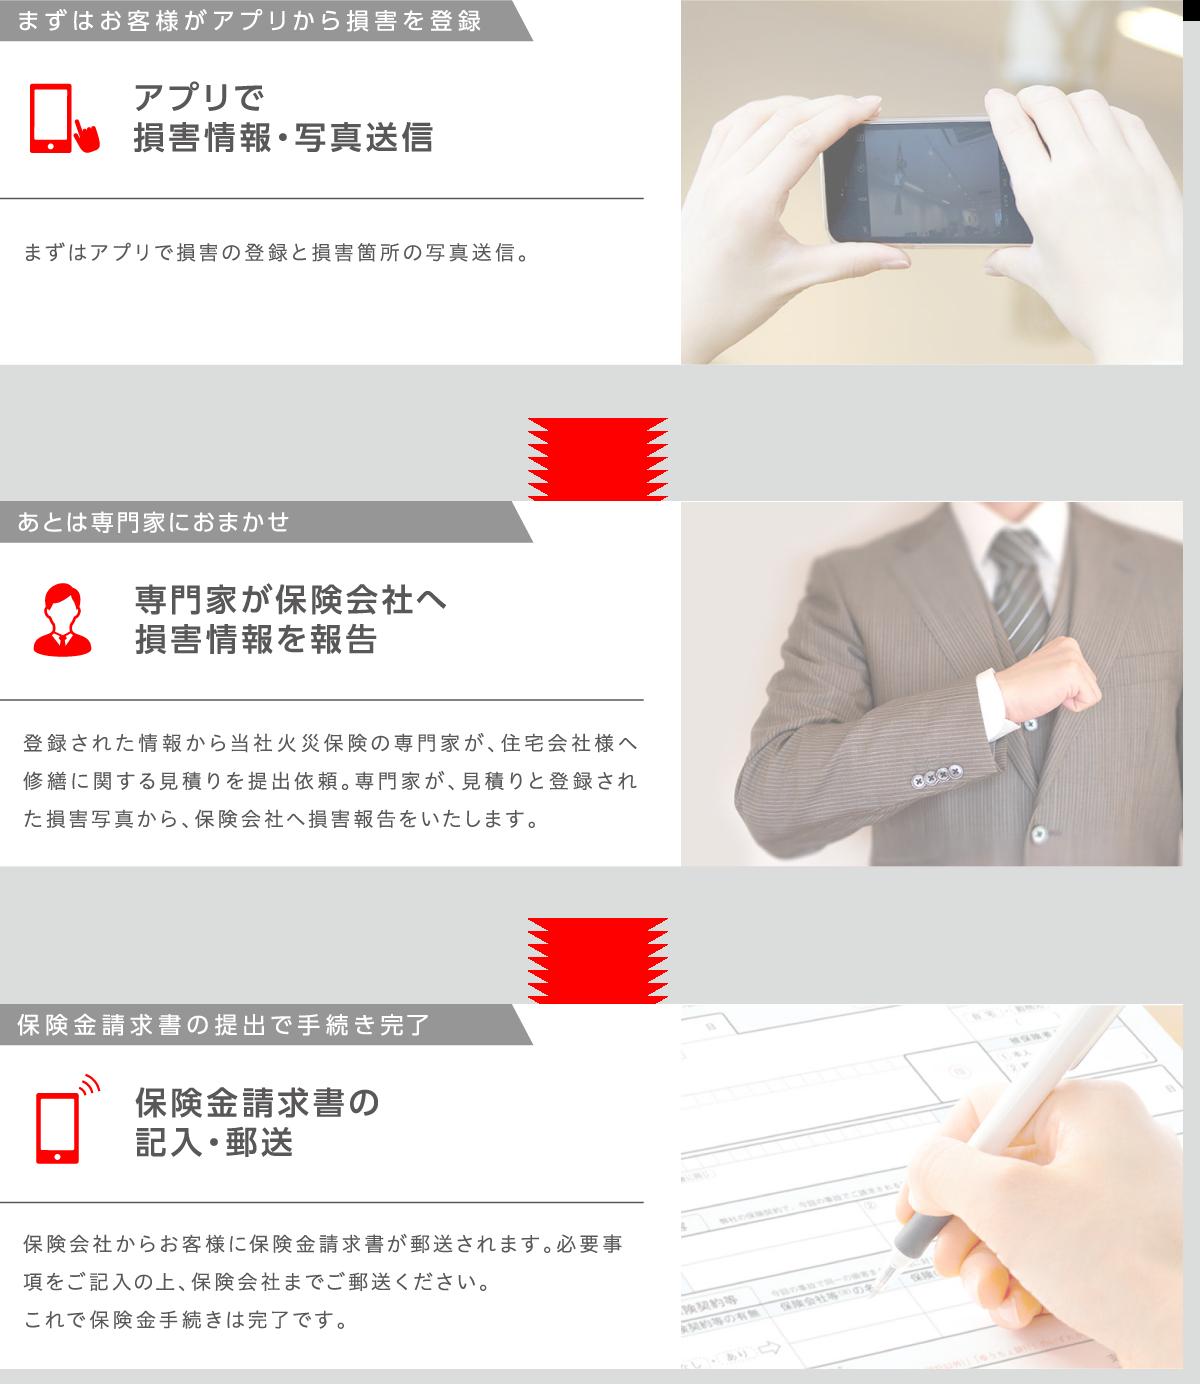 アプリを利用した保険金請求サポートの流れ